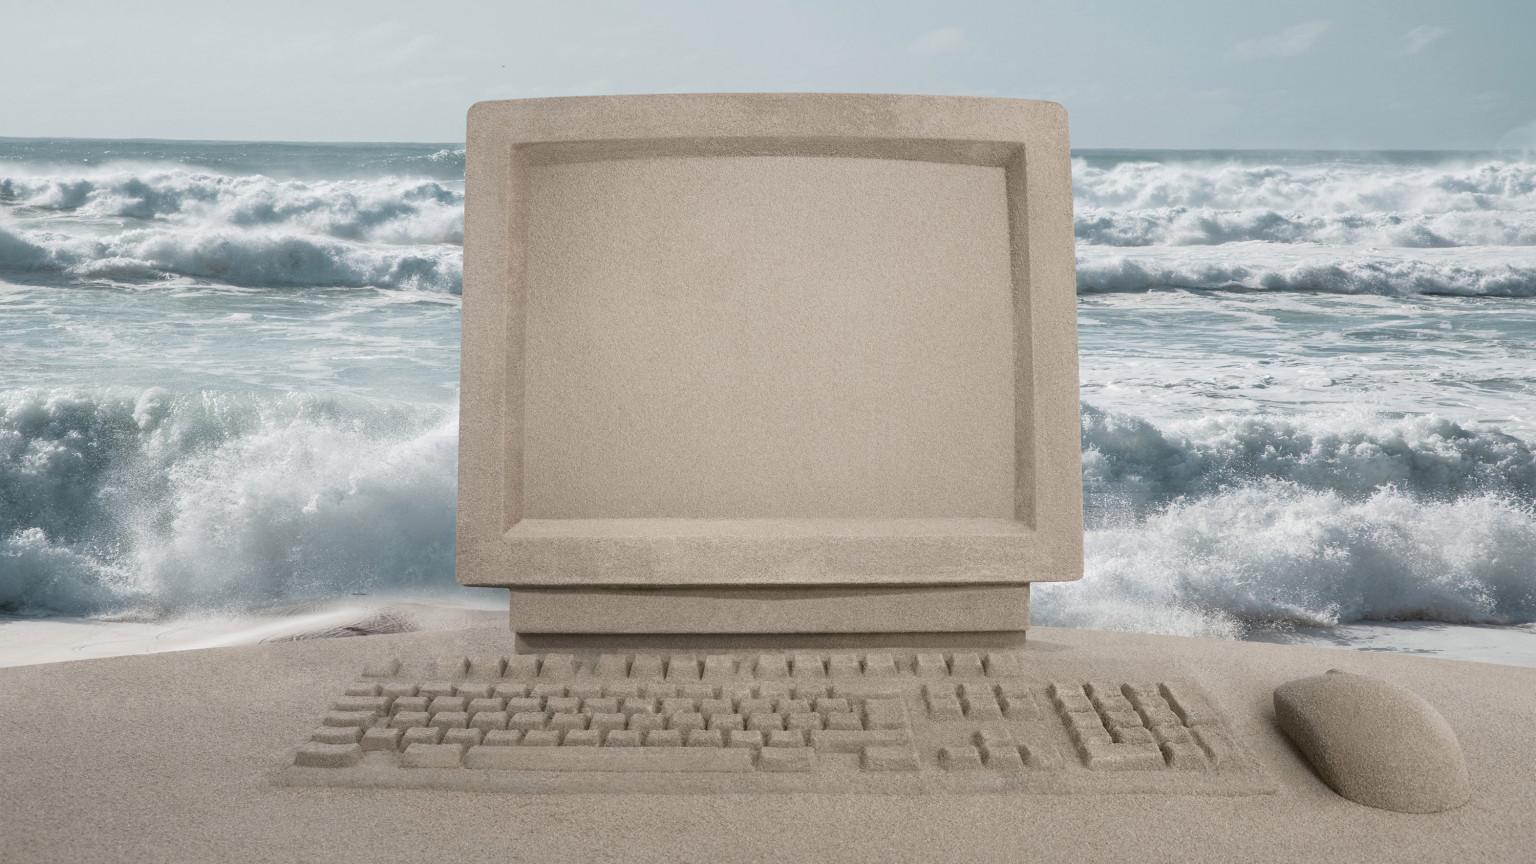 Sand sculpture computer